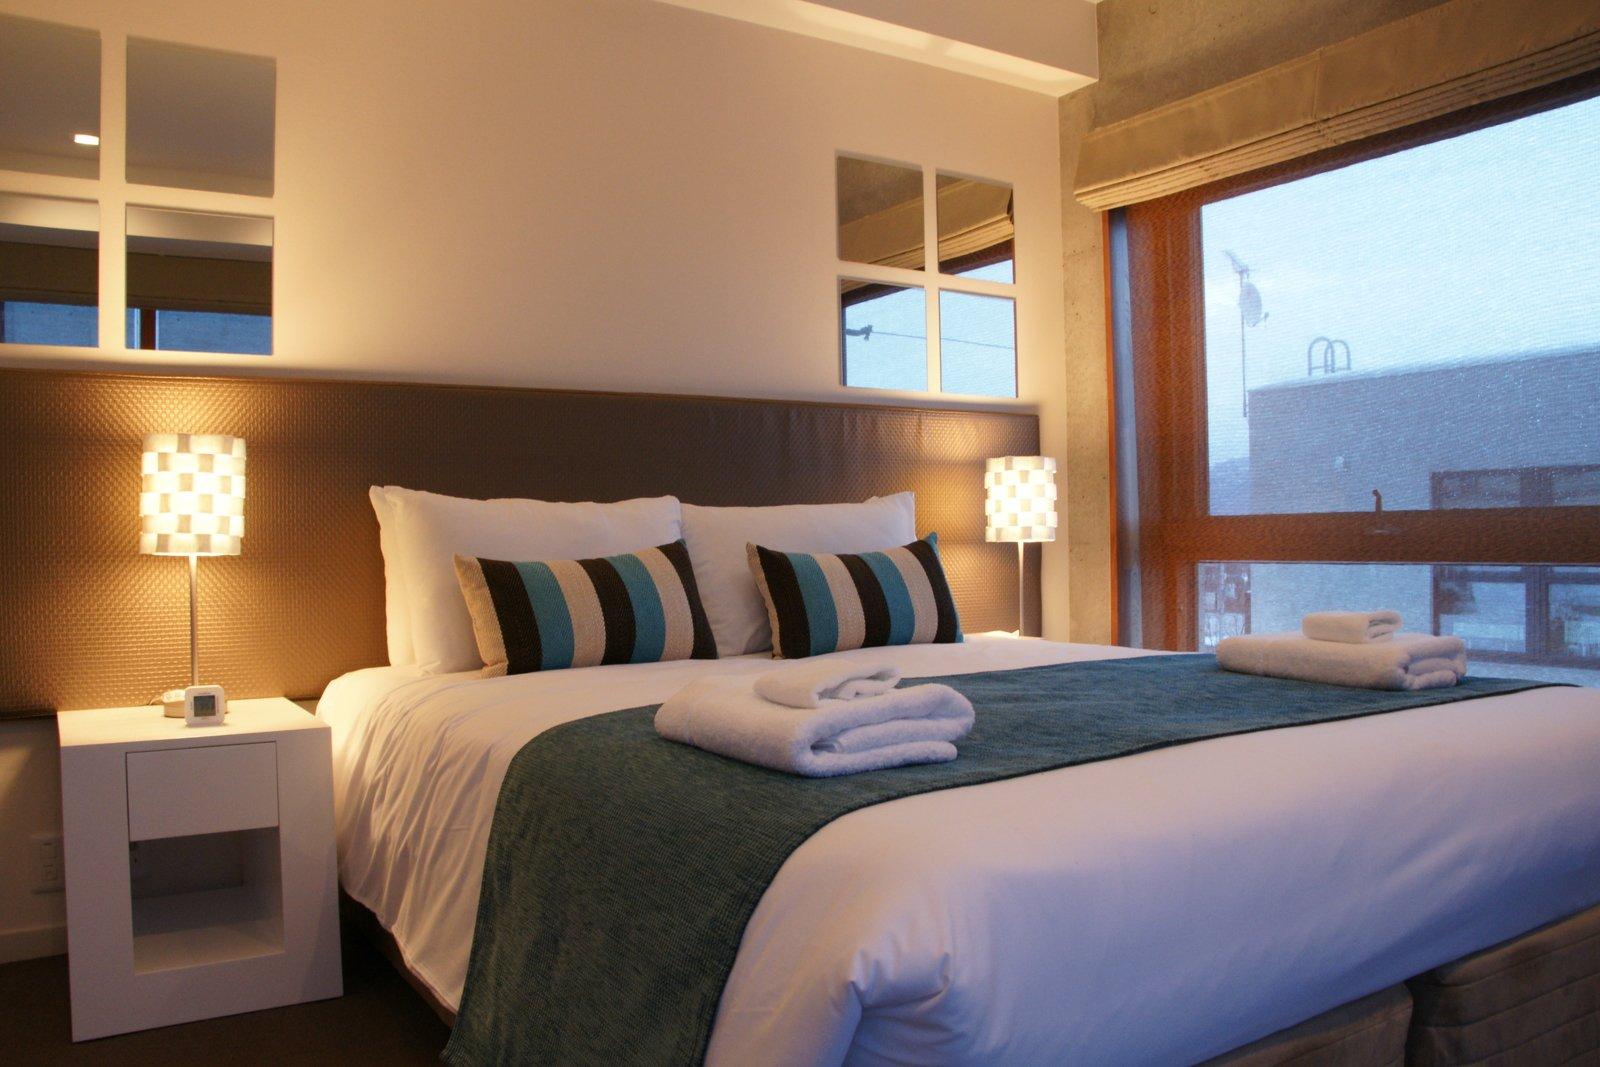 Kon m 3bdr house bedroom large